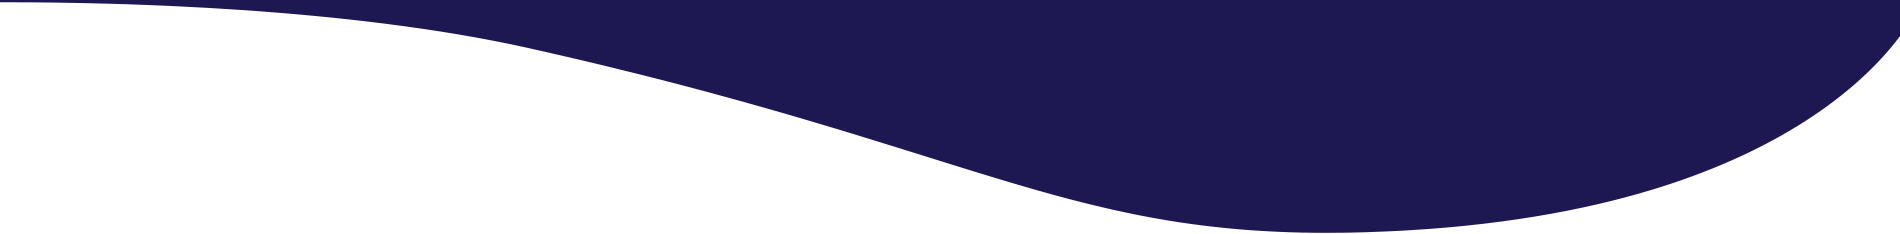 Efeito de layout uma onda